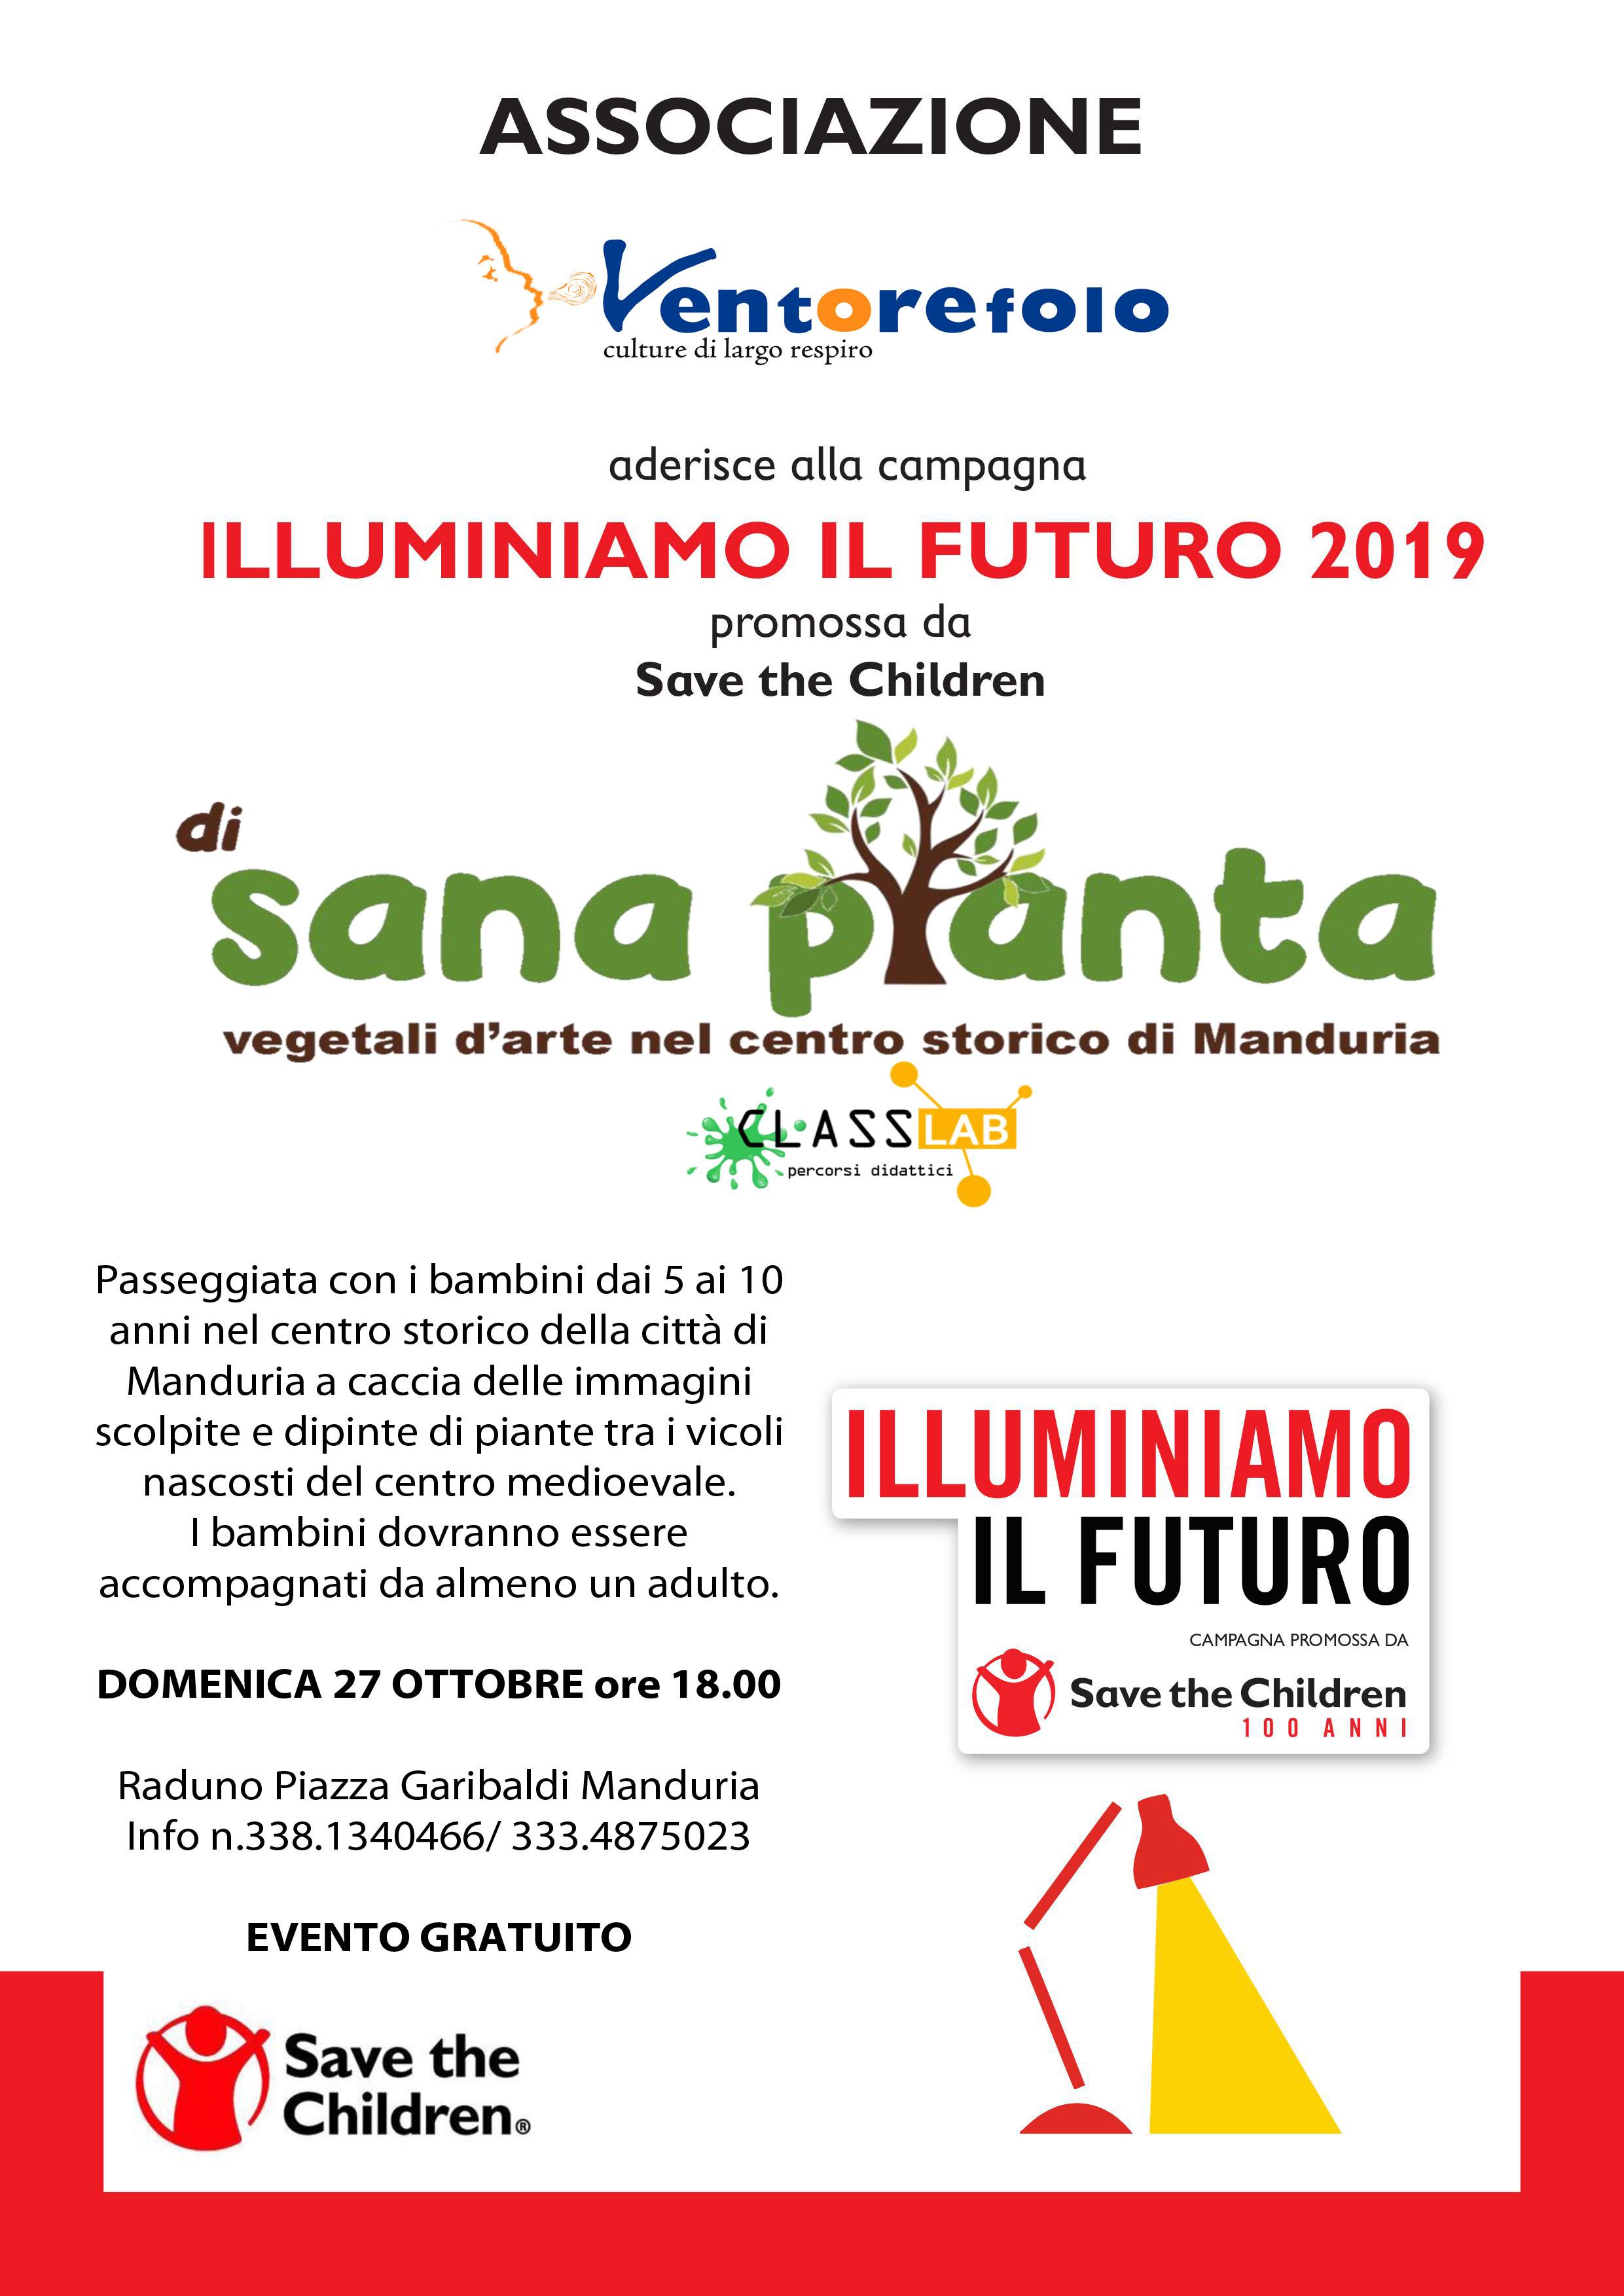 locandina A4 DI SANA PIANTA_ILLUMINIAMO IL FUTURo2019